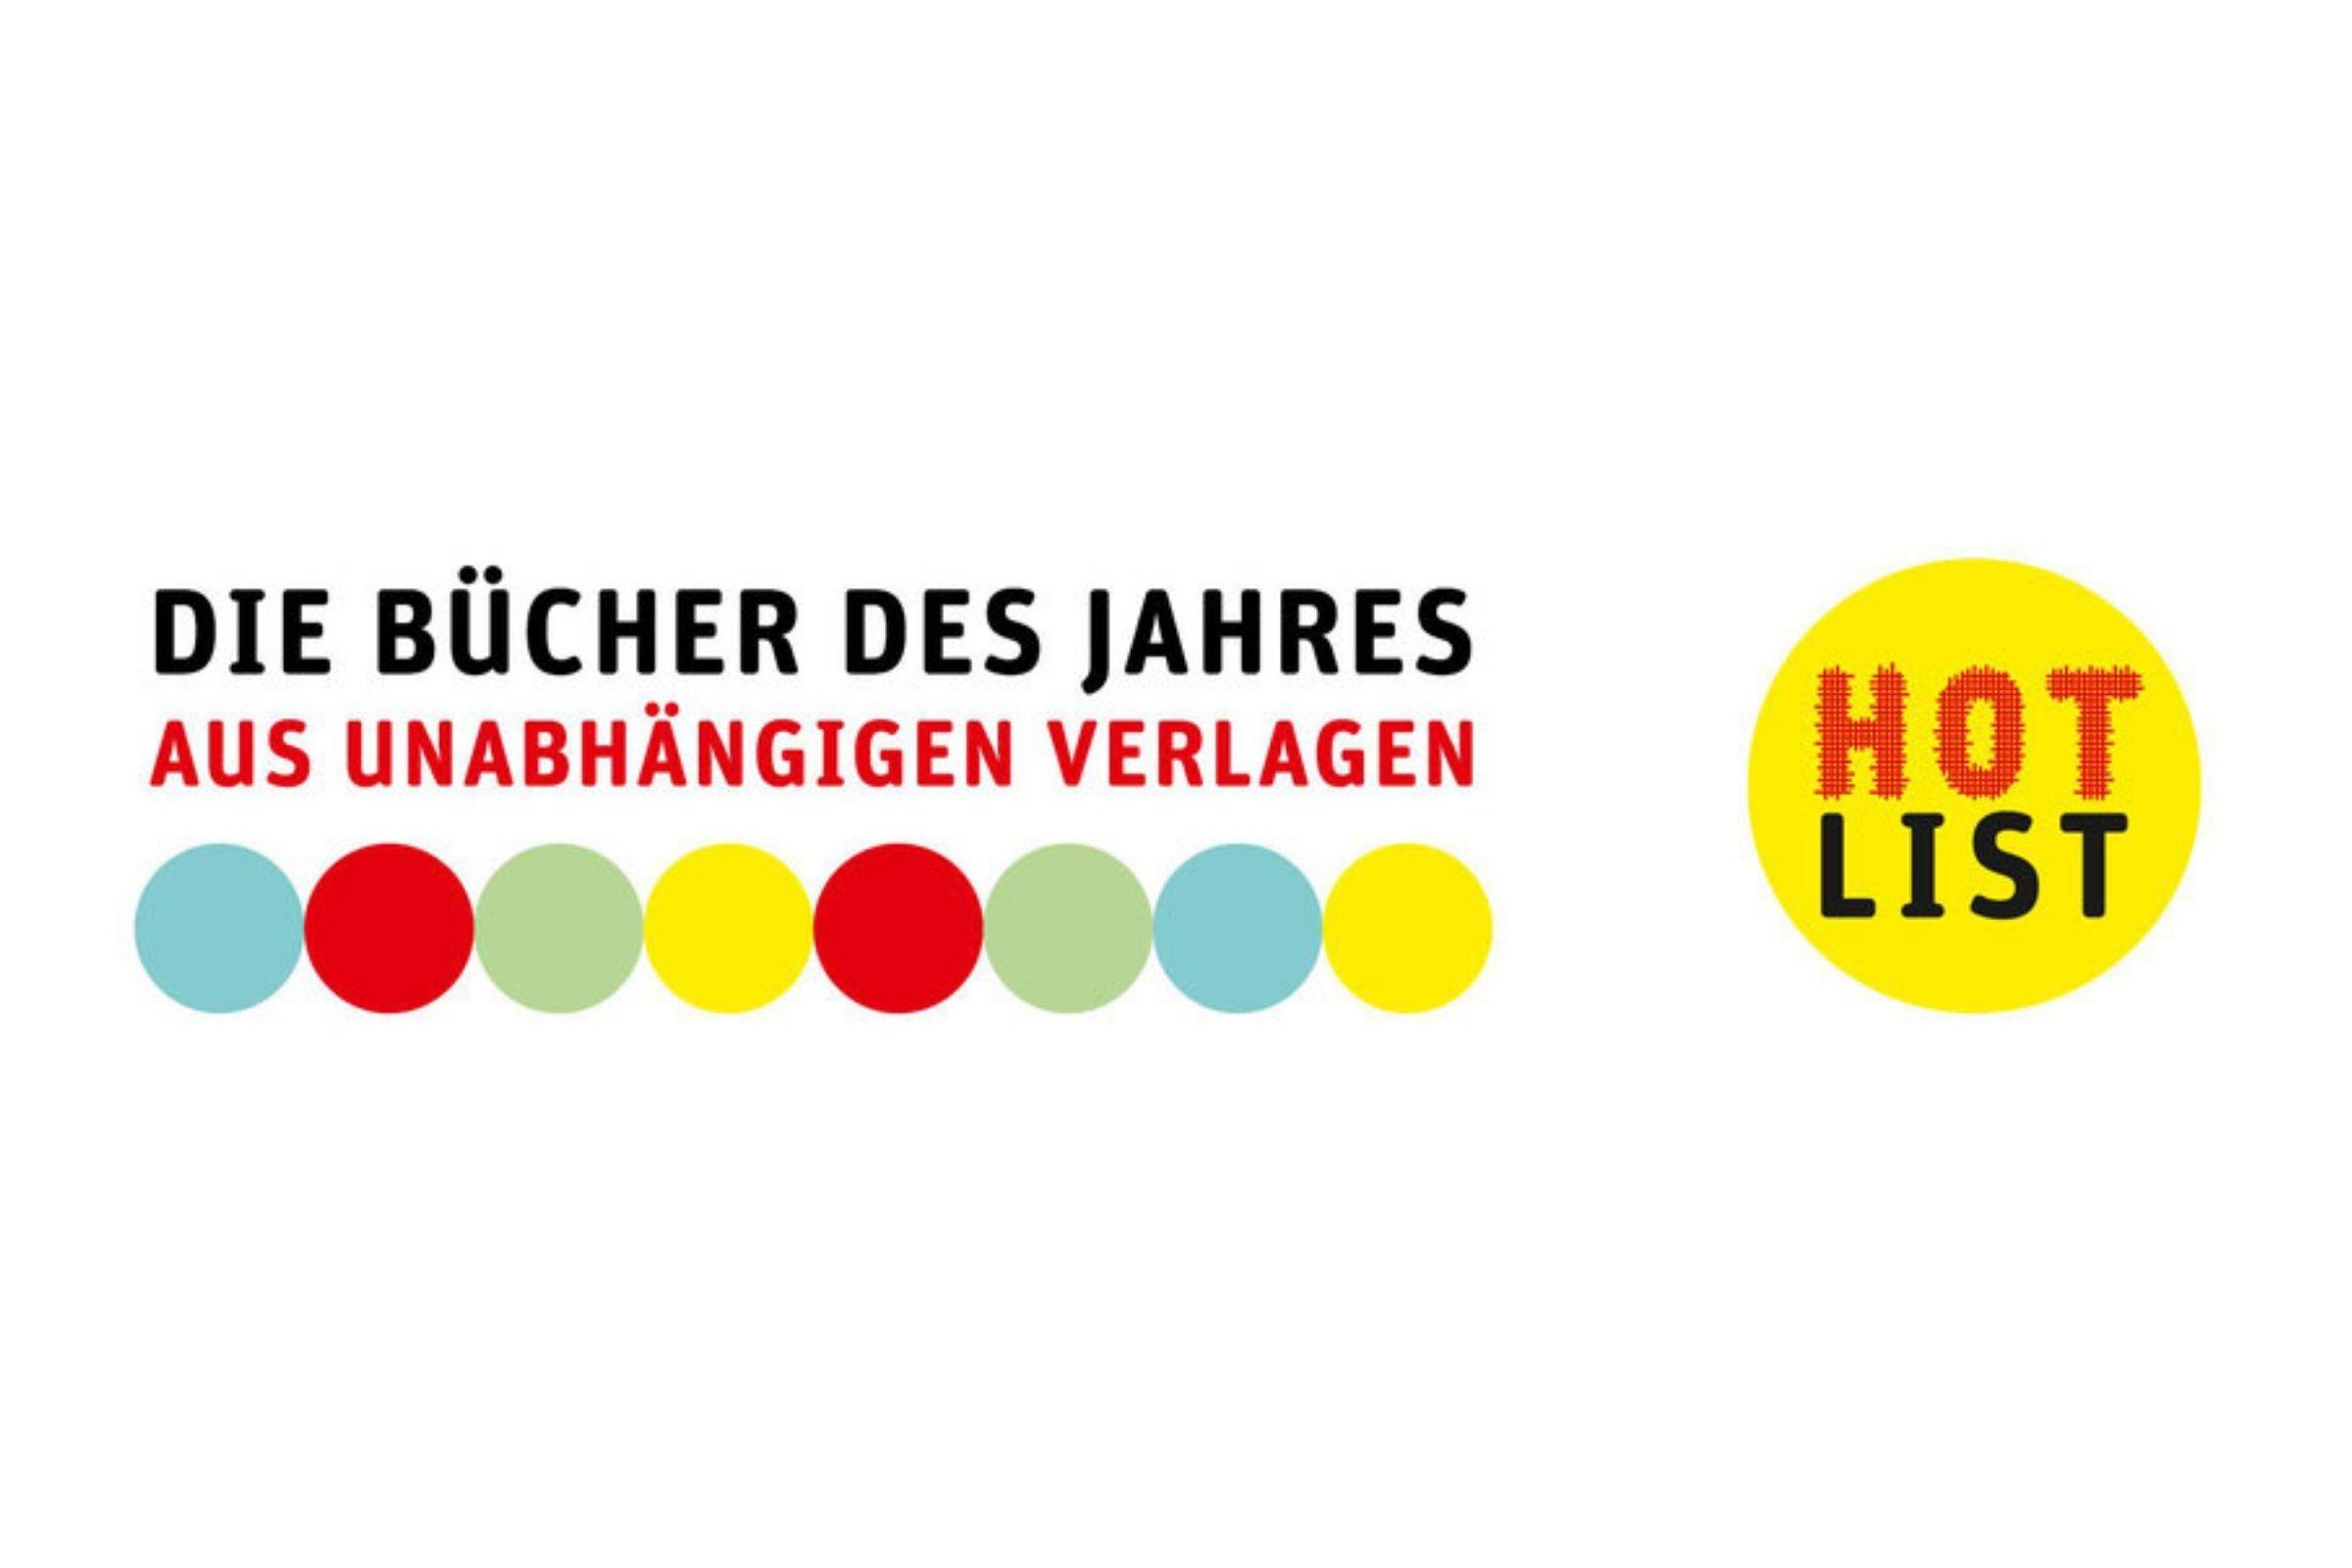 Judith Fanto hot list Die bucher des jahres (1)